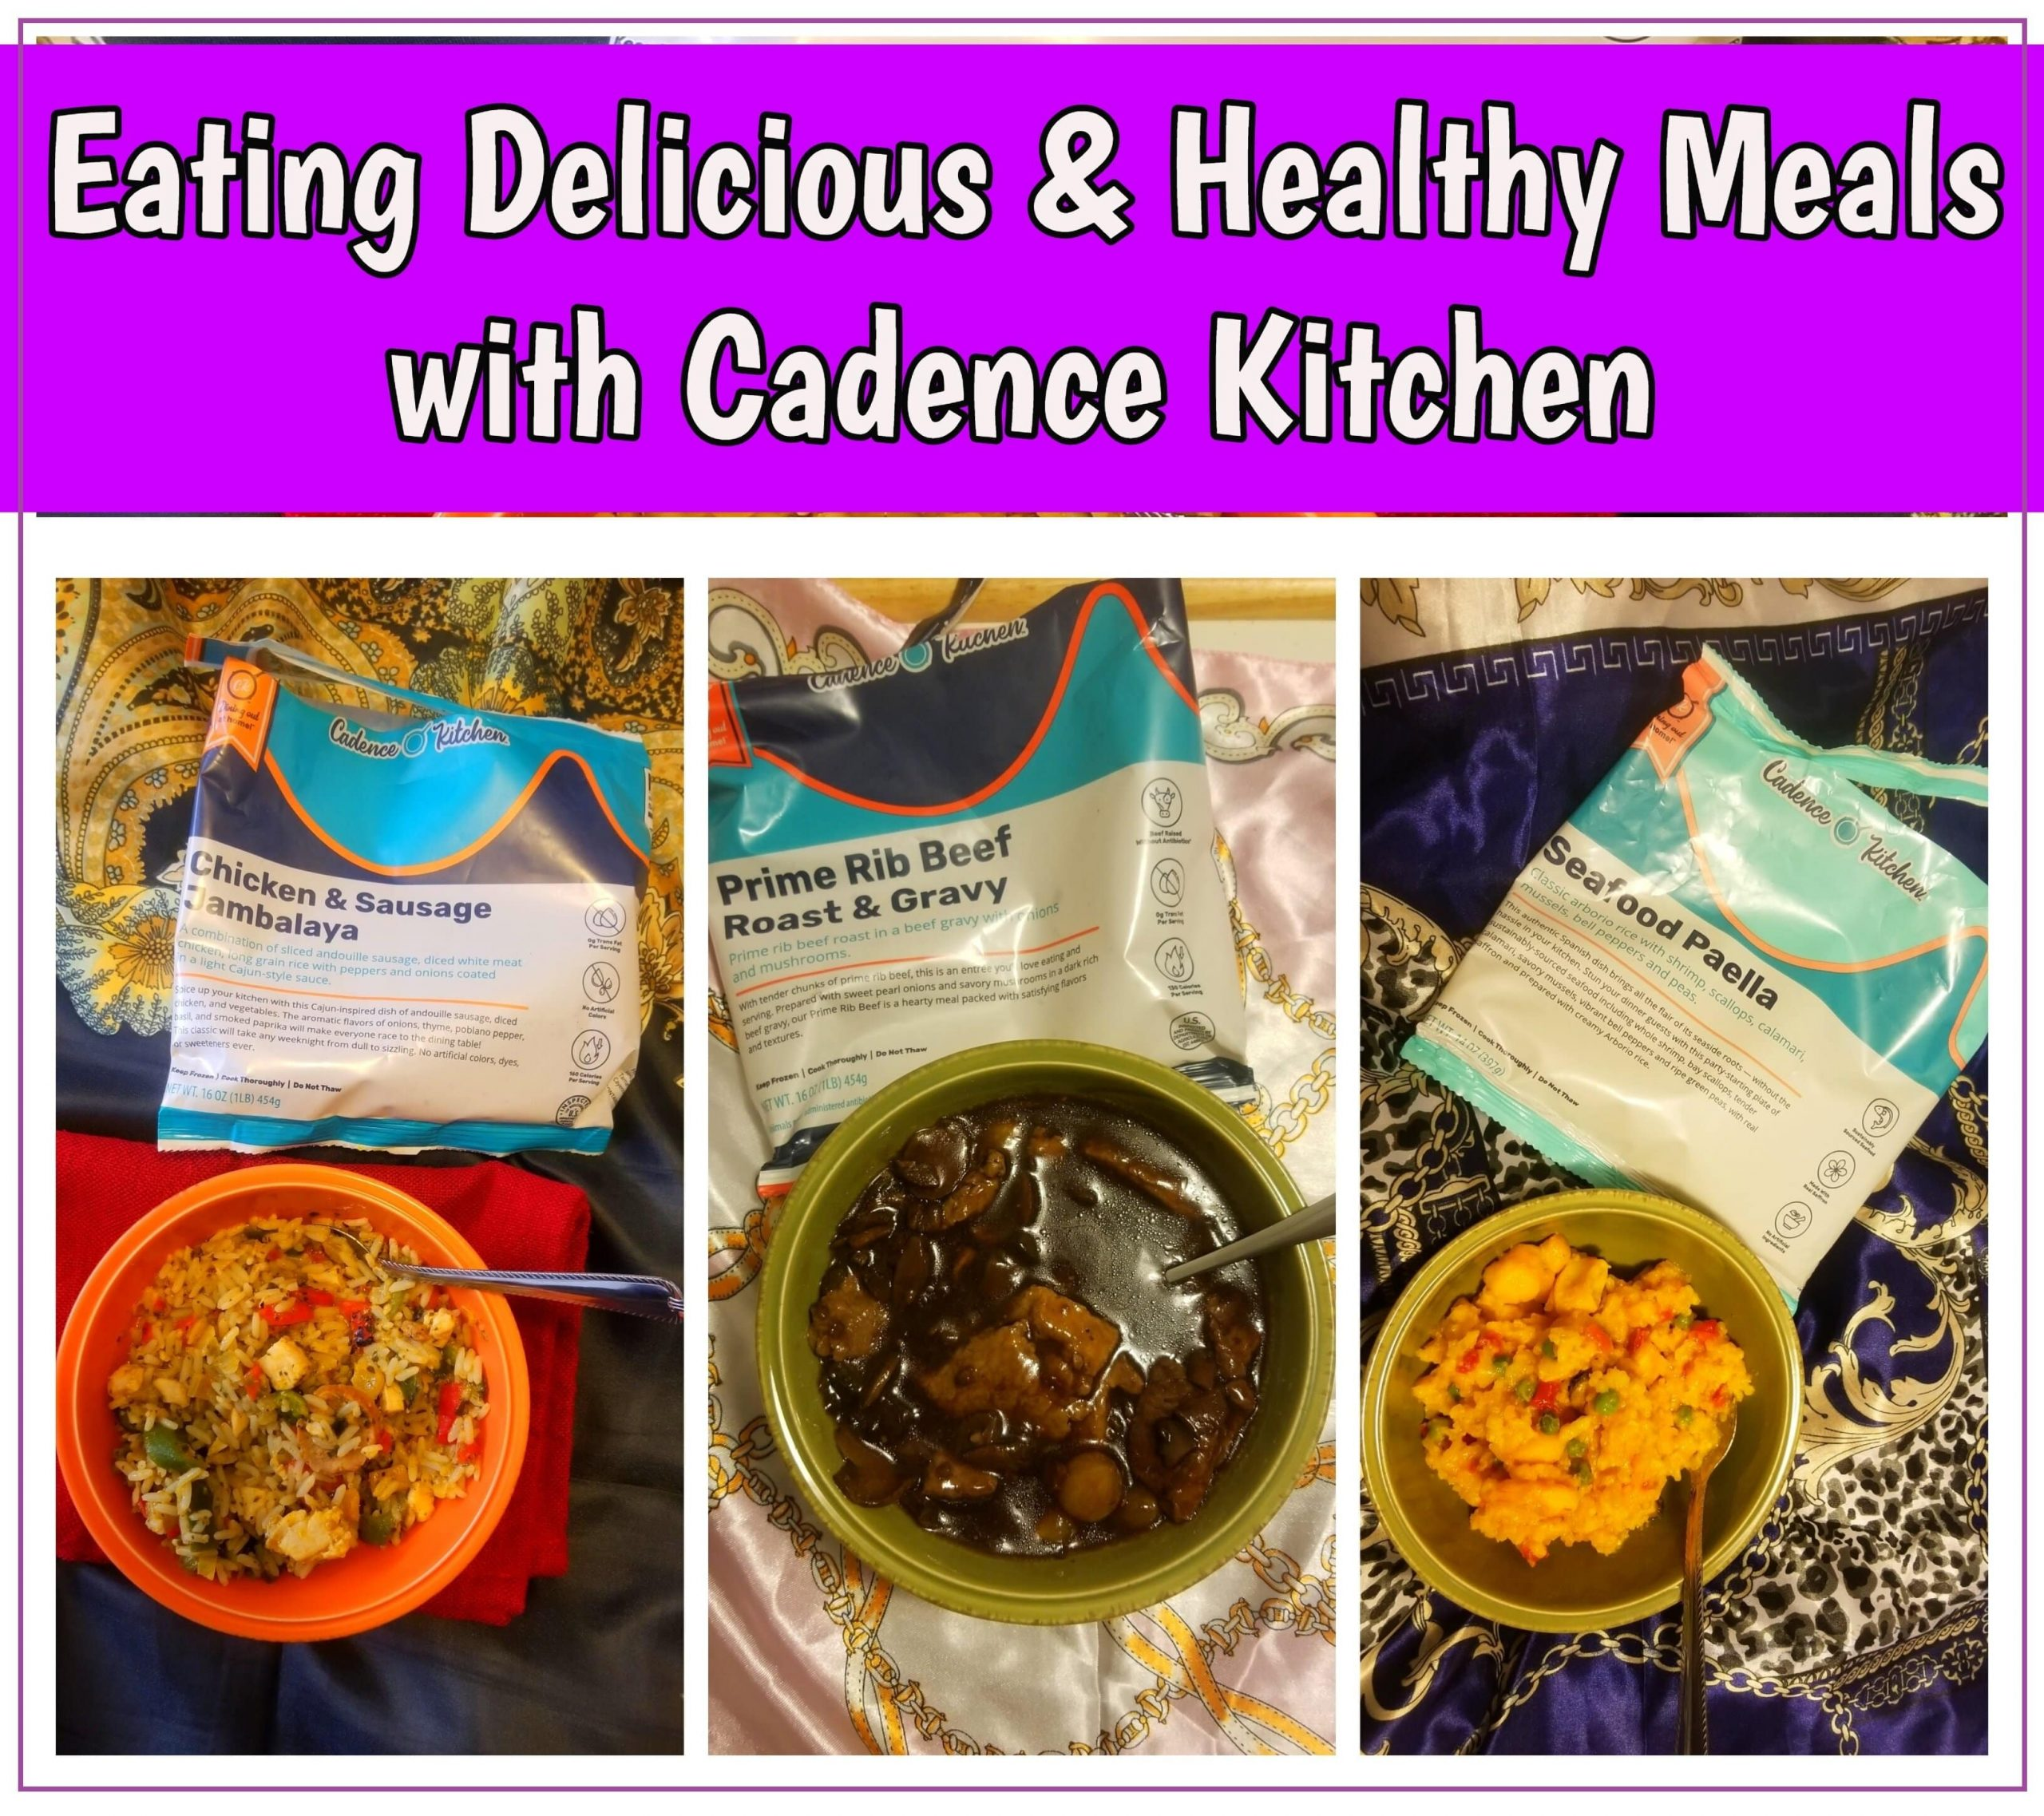 Cadence Kitchen